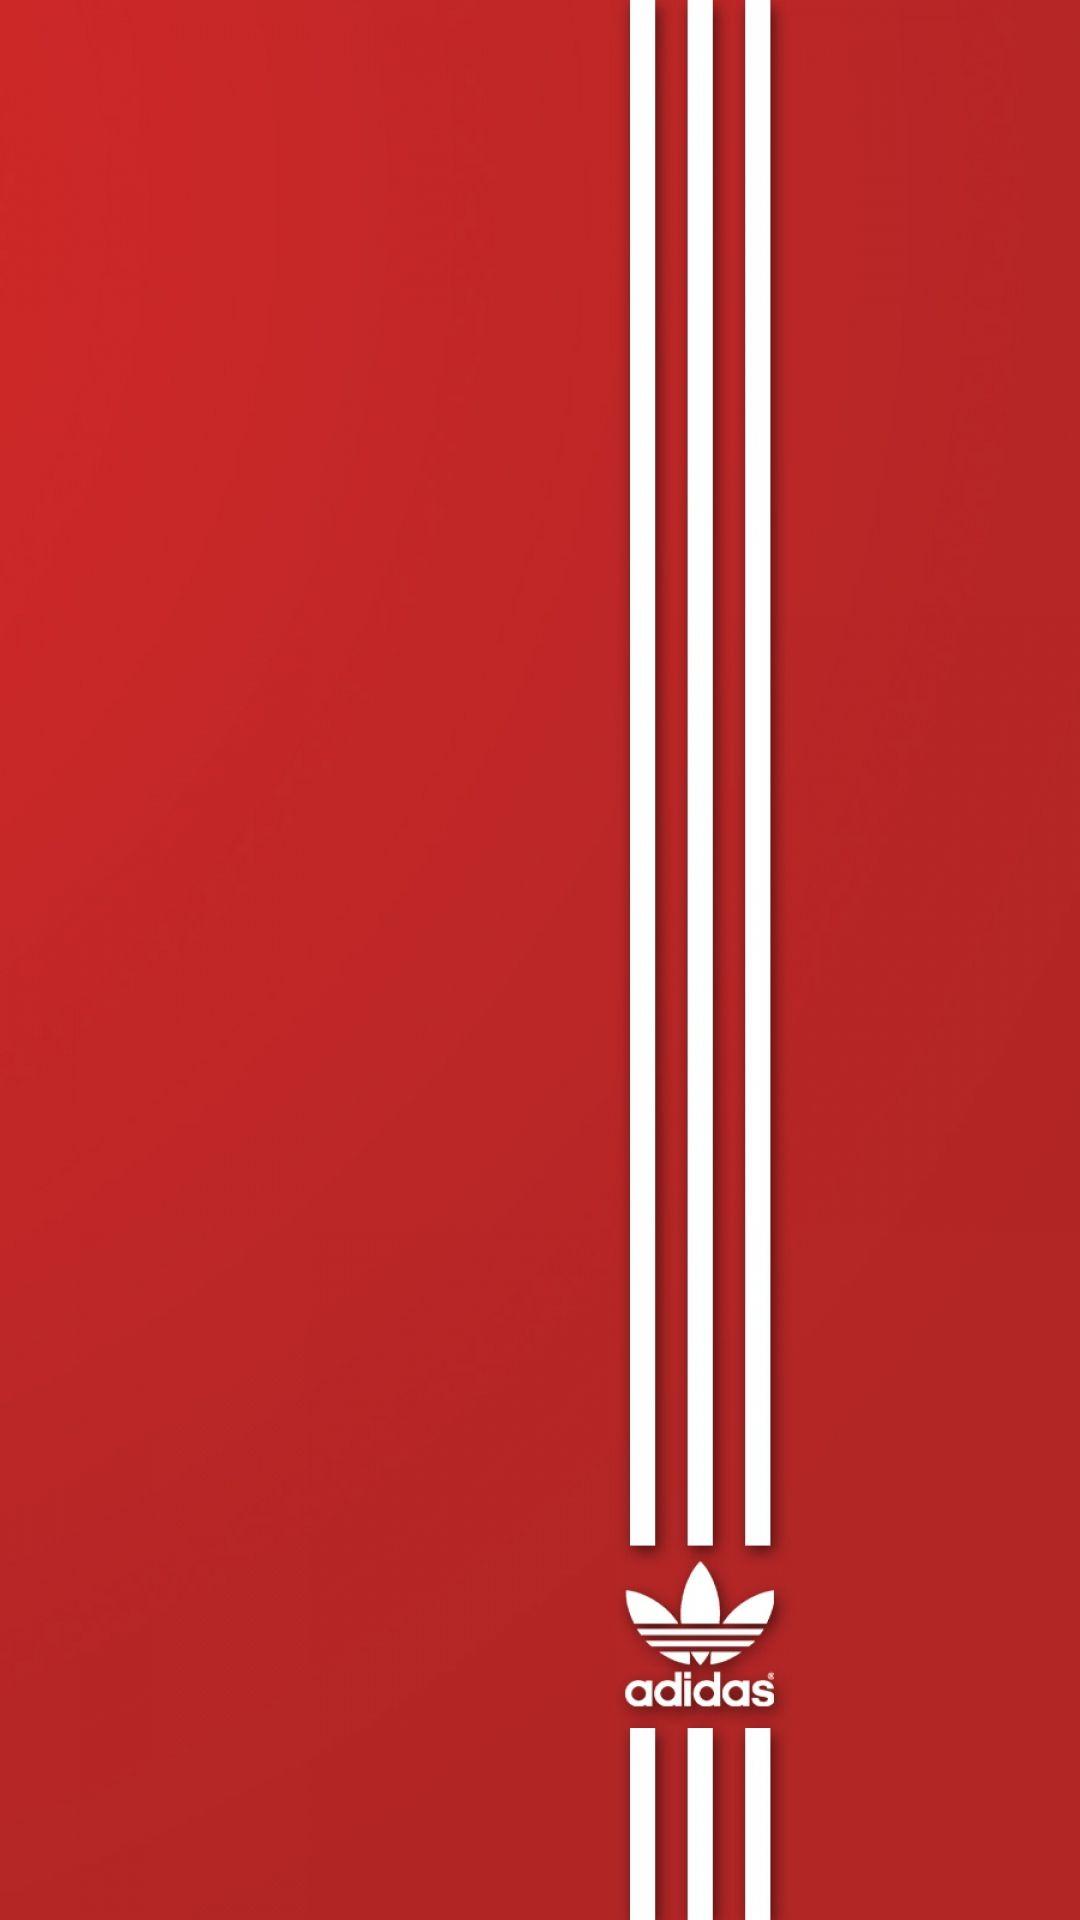 Adidas Originals Wallpaper Hd Adidas Iphone Hd Wallpaper Pixelstalk Net